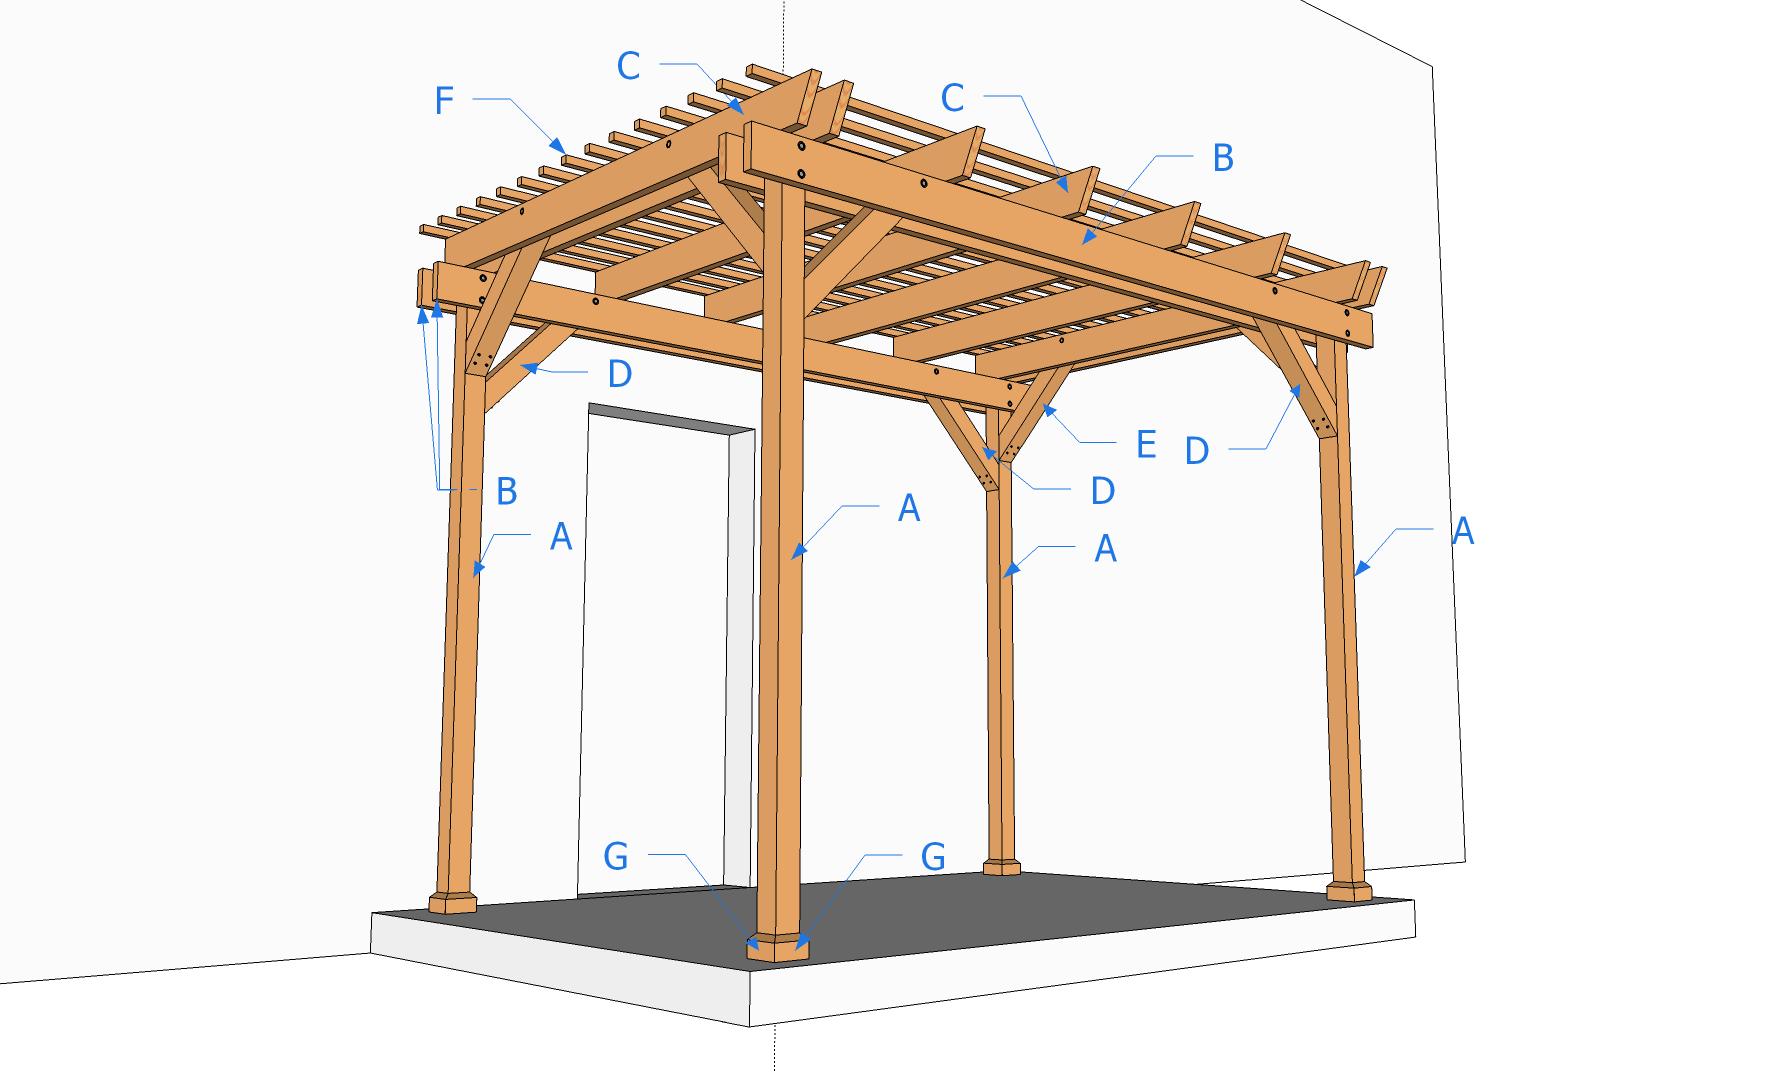 Modele de pergola en bois - maison parallele